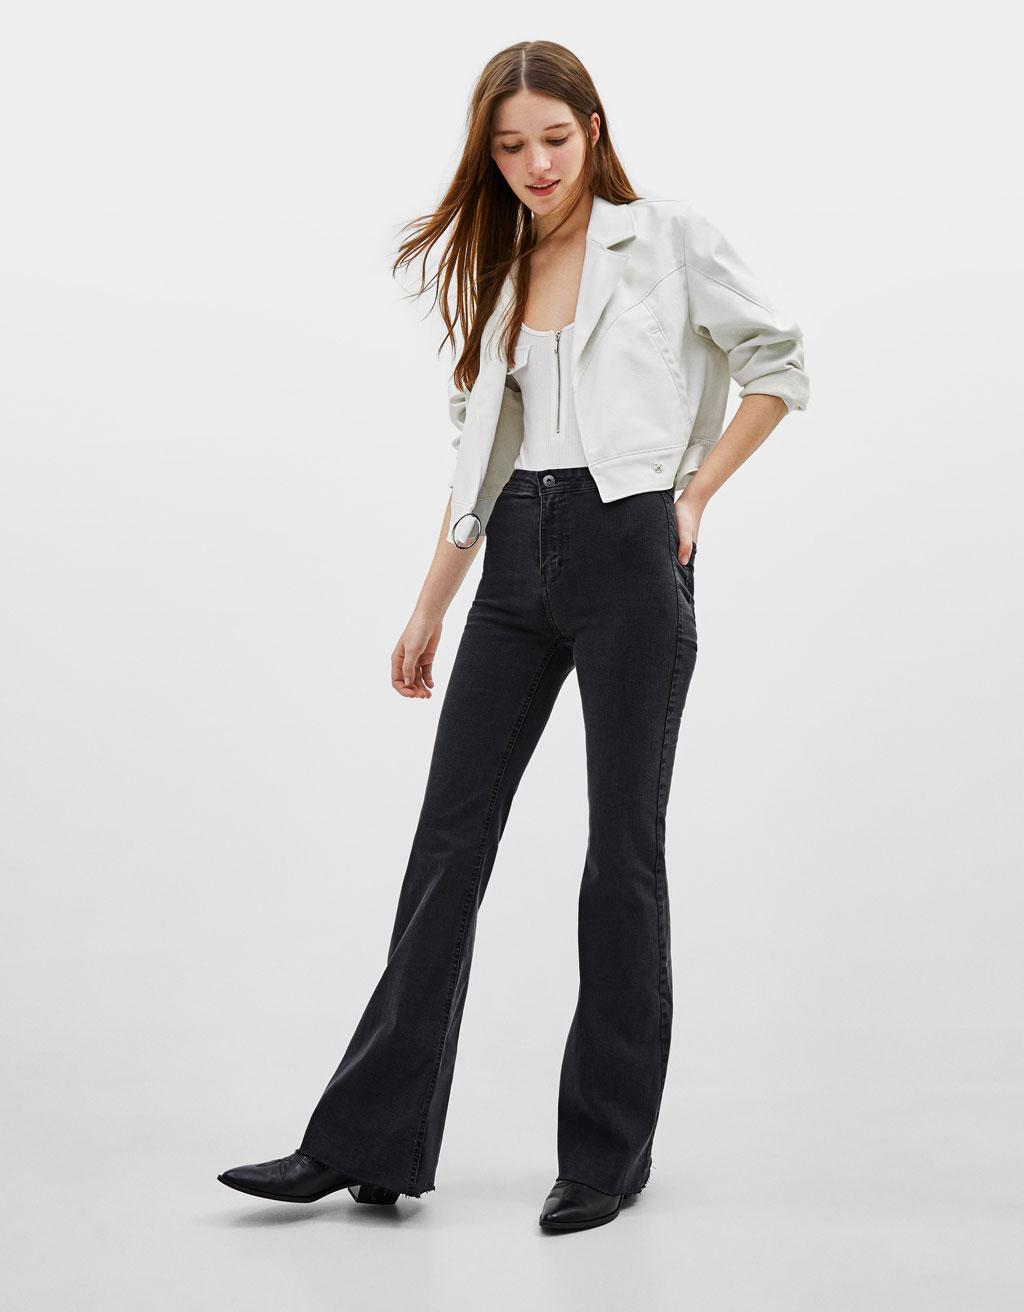 Pantalon élastique flare fit